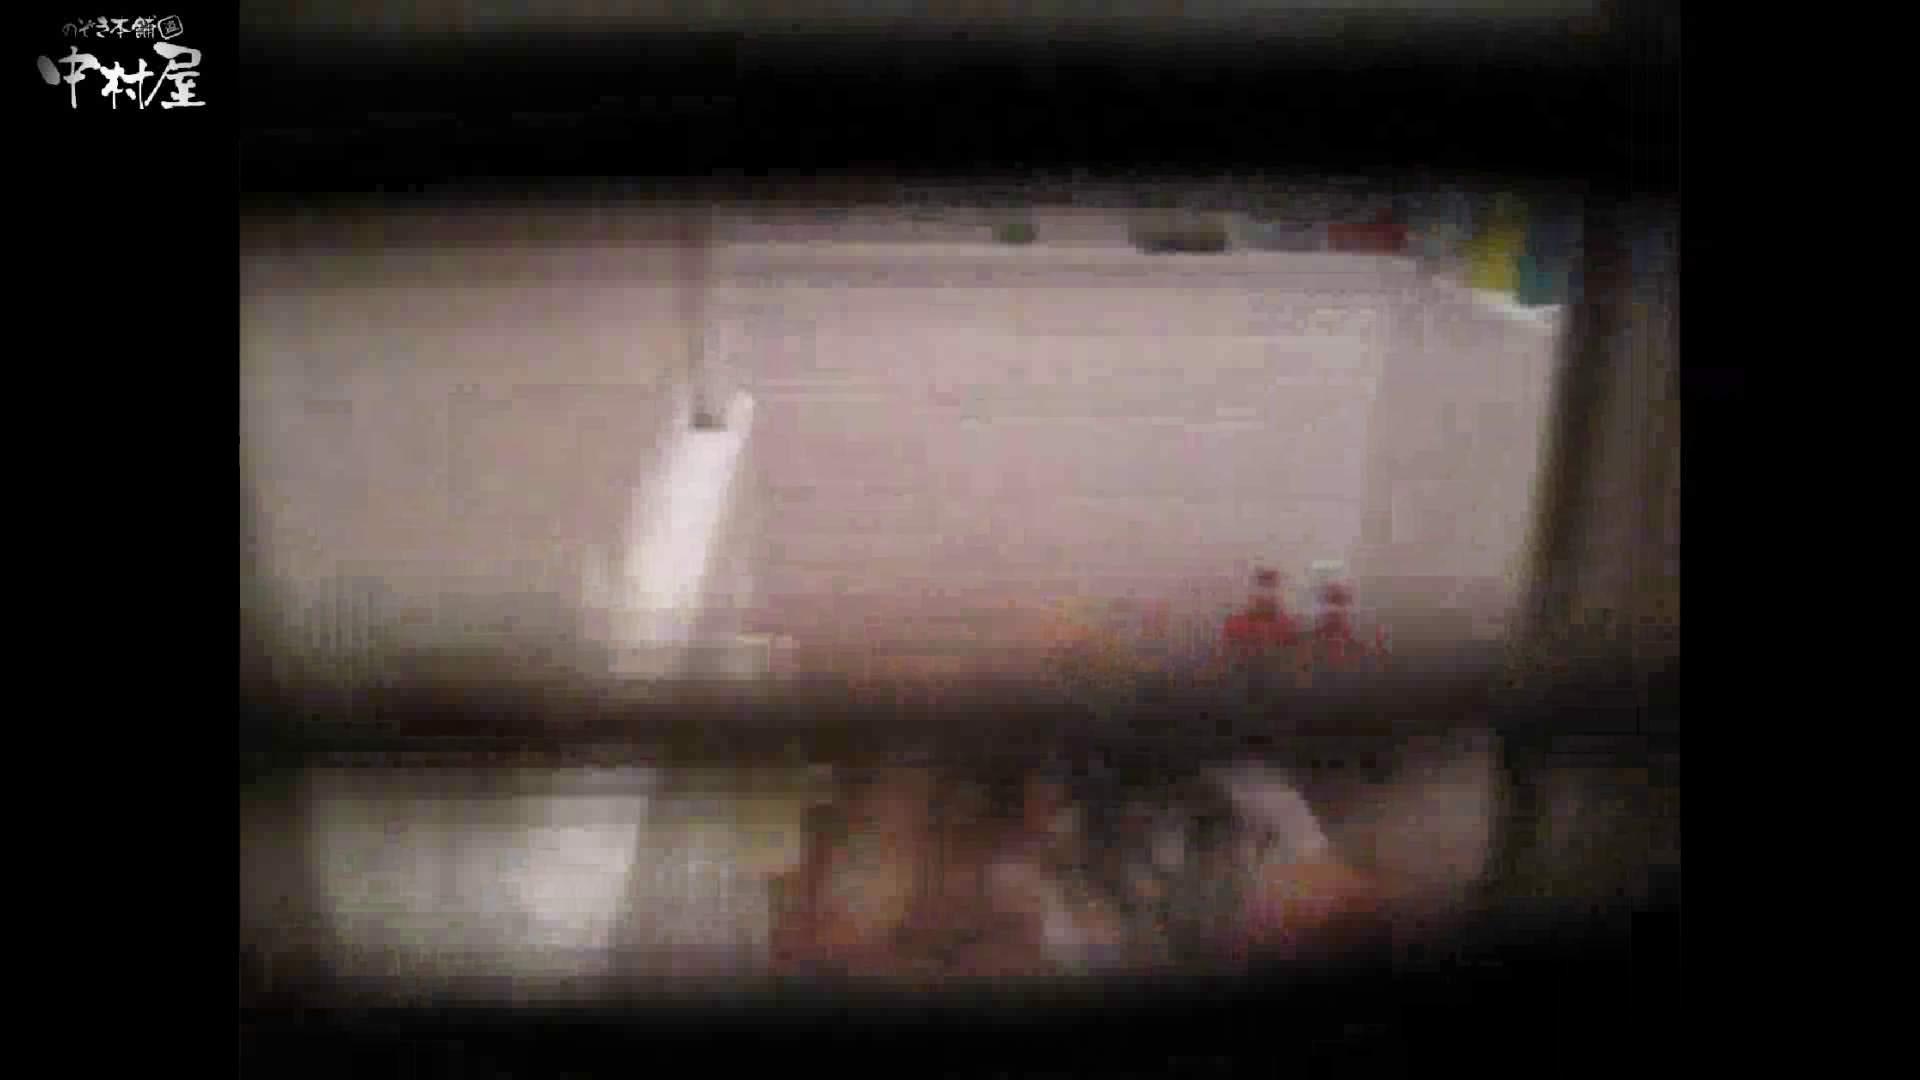 民家風呂専門盗撮師の超危険映像 vol.017 美女ヌード AV無料動画キャプチャ 87画像 70